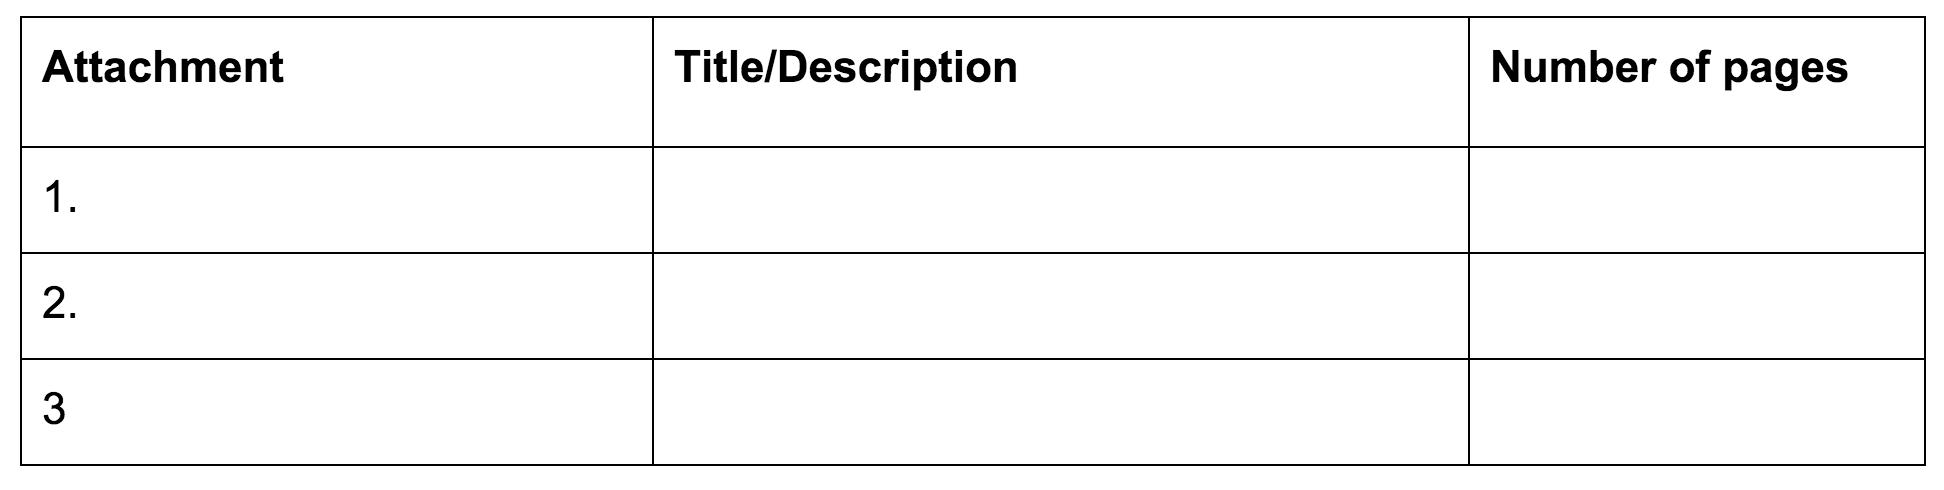 FDA_483_List_of_Attachments